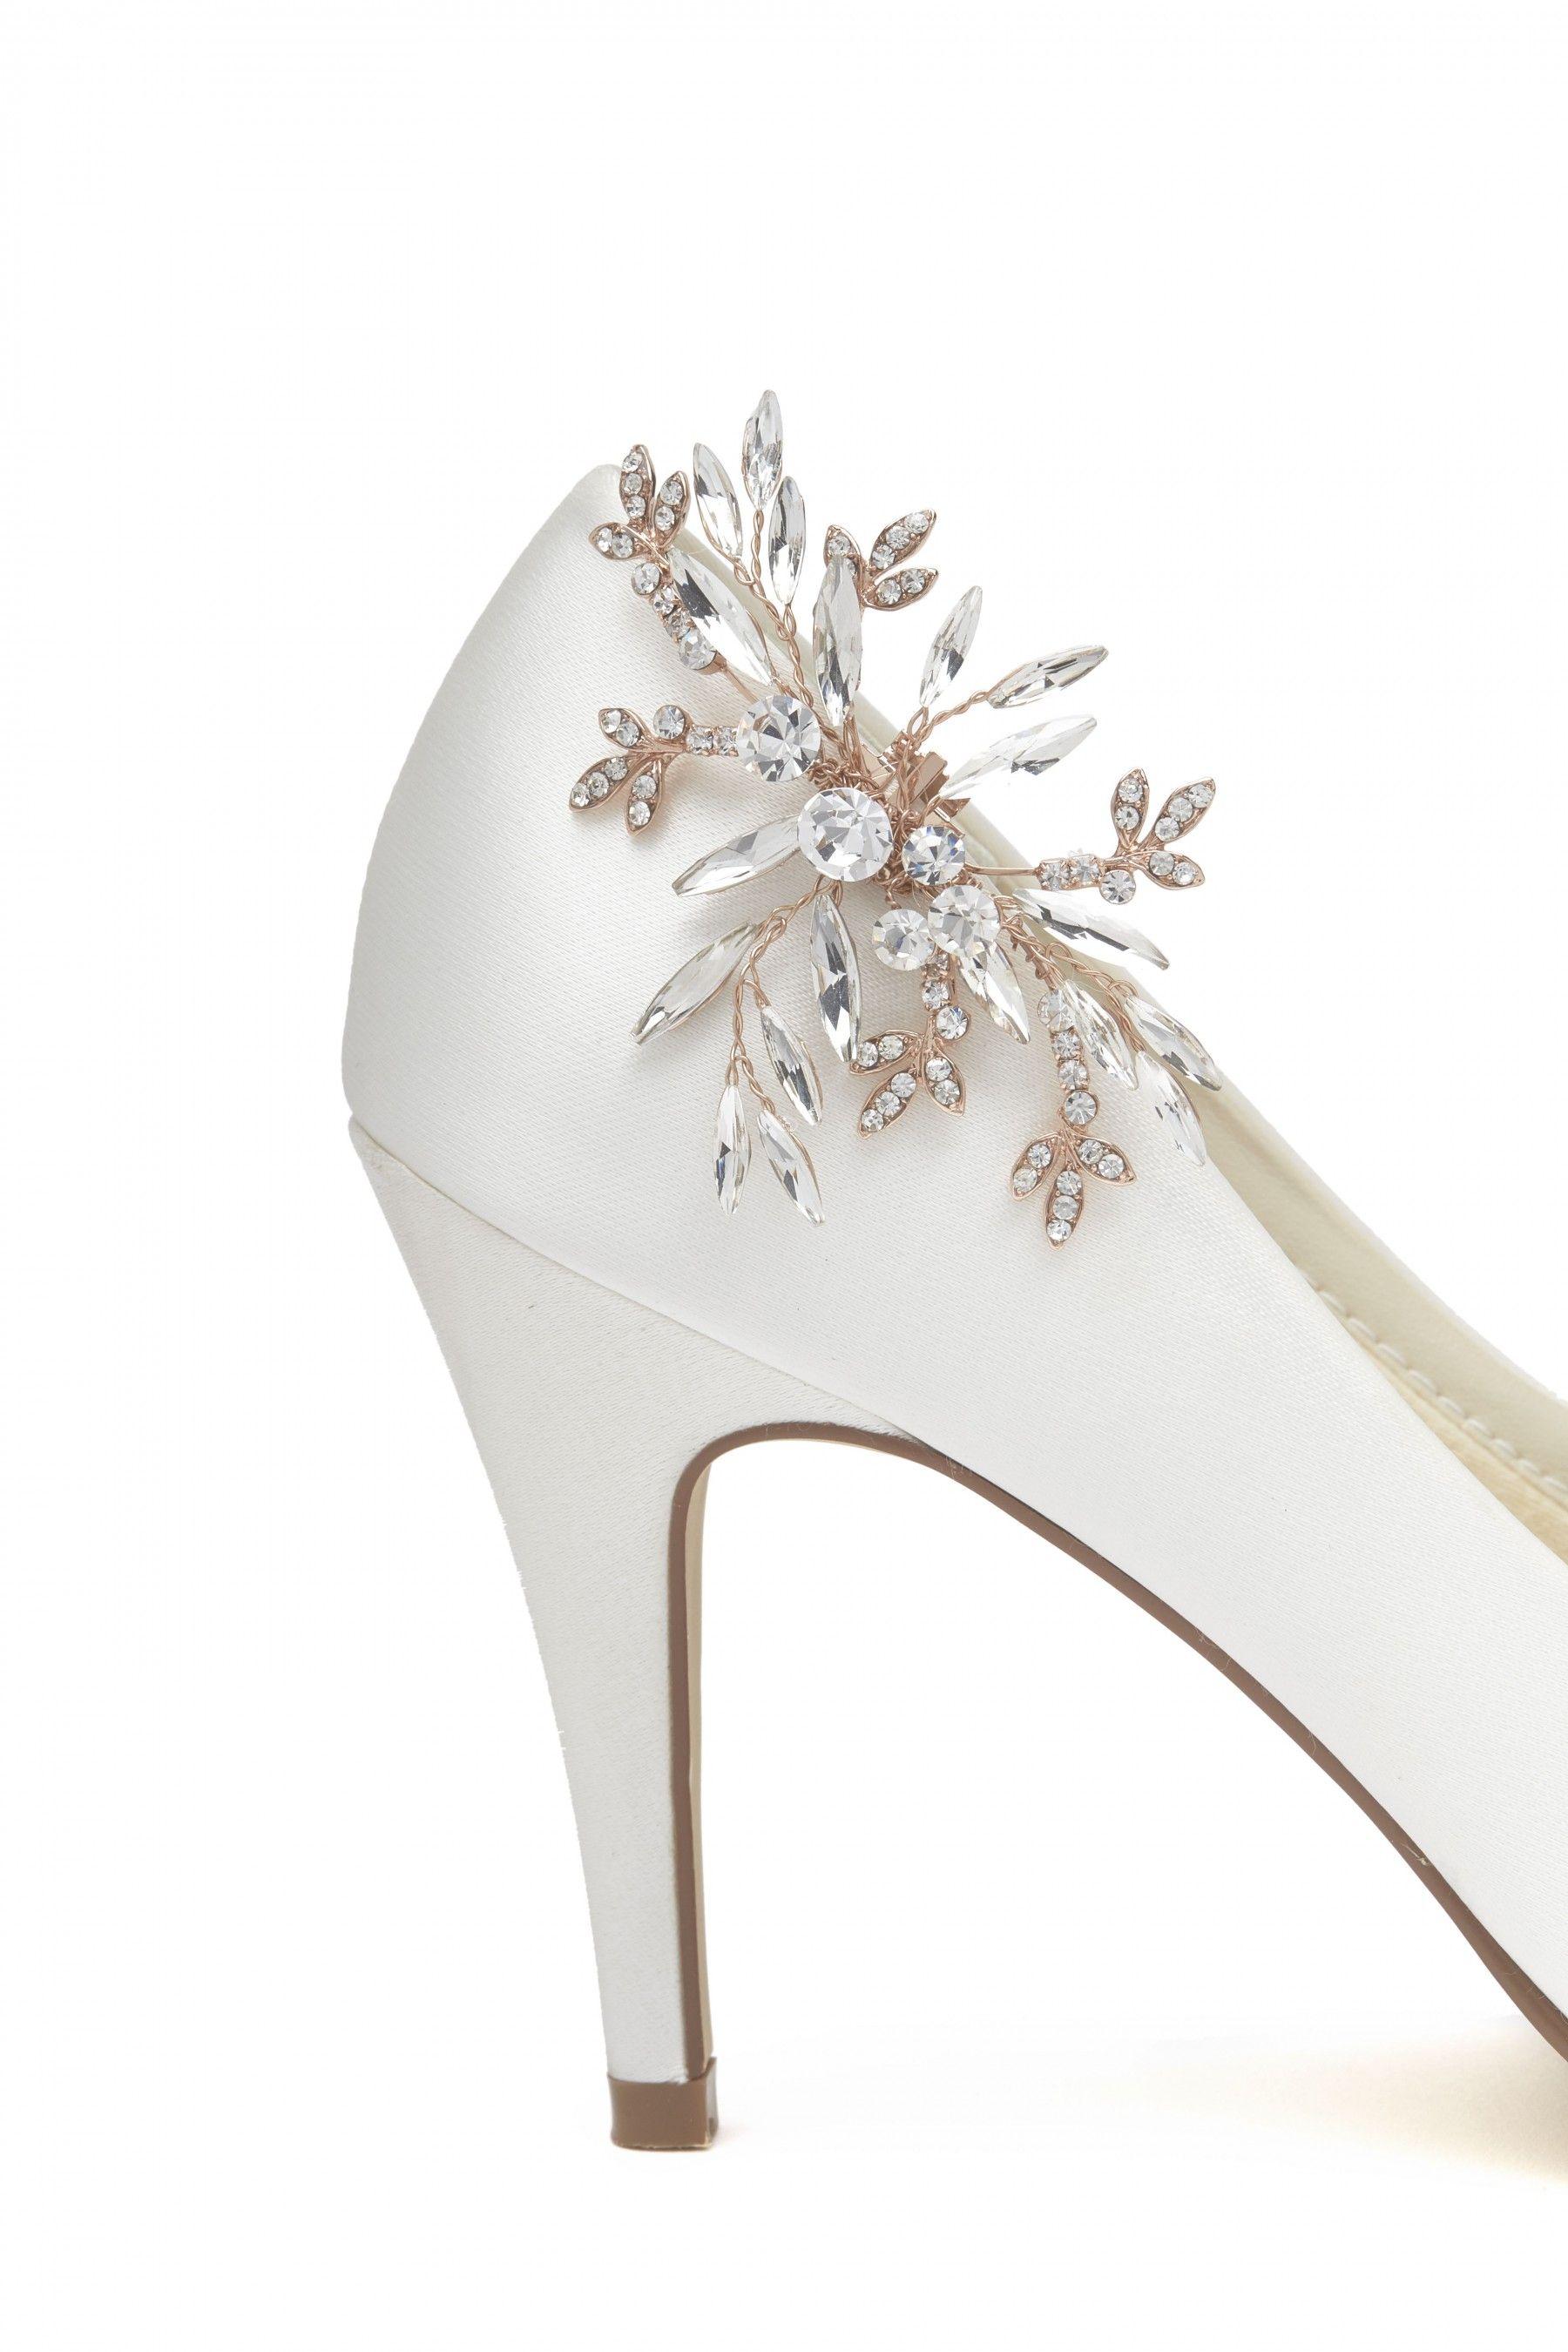 Luna Silver Diamante Shoe Clips by Rainbow Club Buy